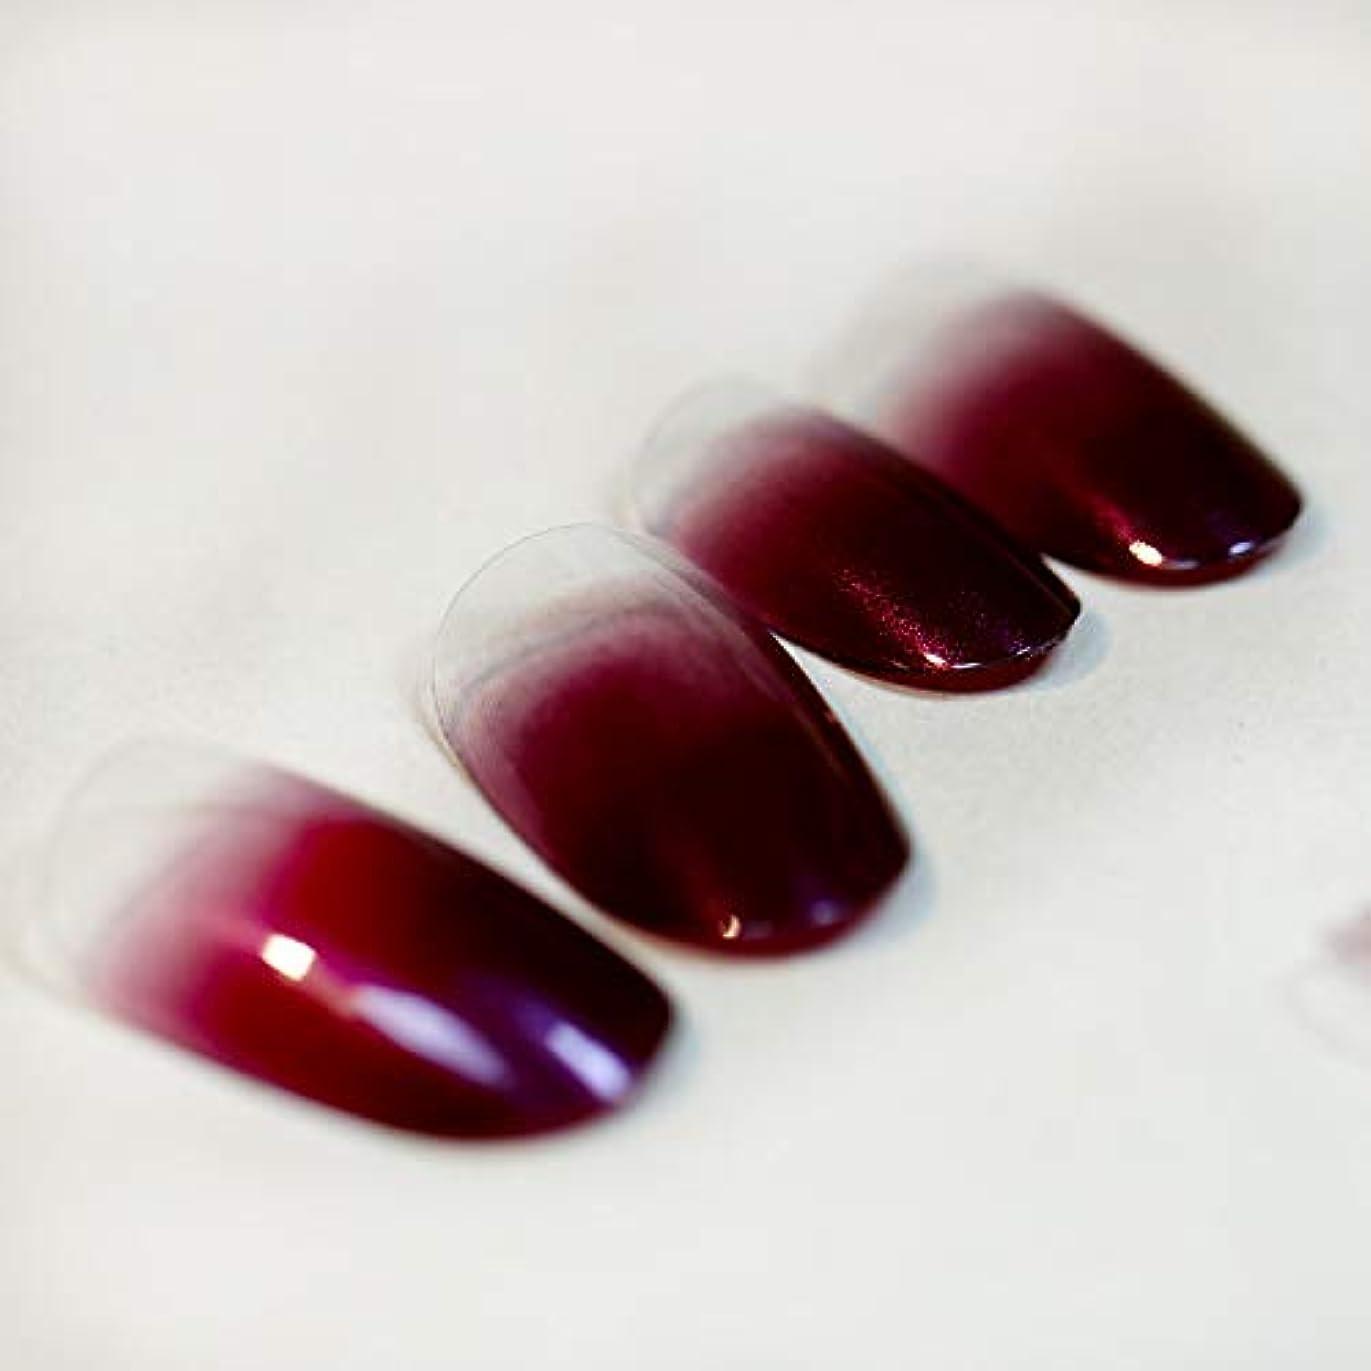 原稿宇宙船障害者高品質 超薄型ネイル 24枚 カラーグラデーション ミディアムレングスラウンドヘッド 人気 いろいろな色のオプション 可愛い優雅ネイル (ワインレッド)